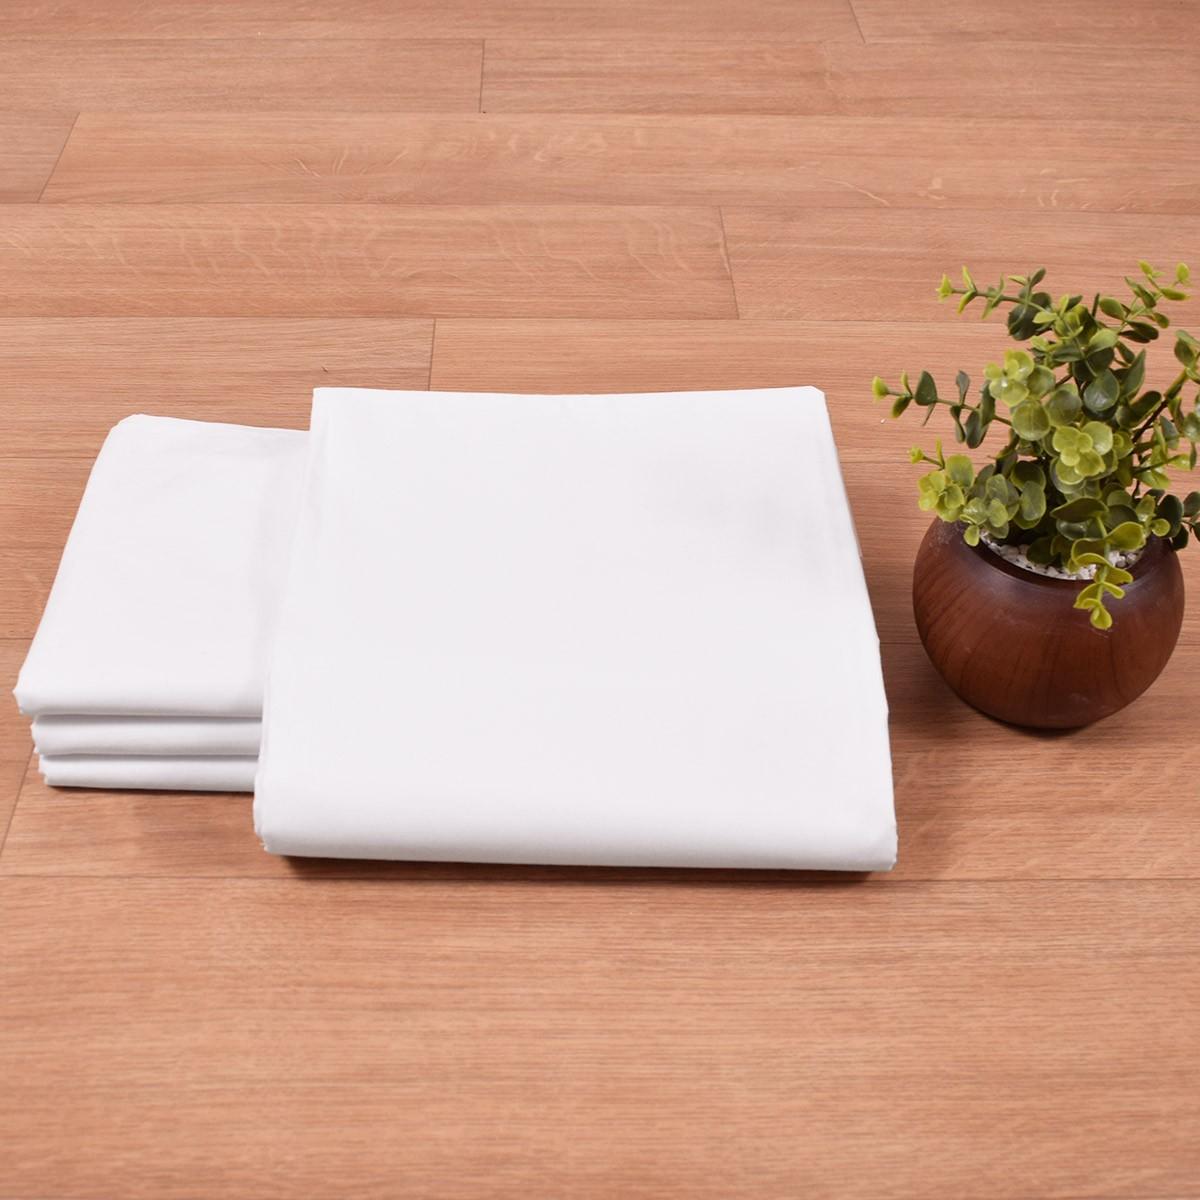 Σεντόνι (280x295) 50%Βαμβάκι 50%Polyester T200 home   επαγγελματικός εξοπλισμός   ξενοδοχειακός εξοπλισμός   σεντόνια ξενοδοχεί